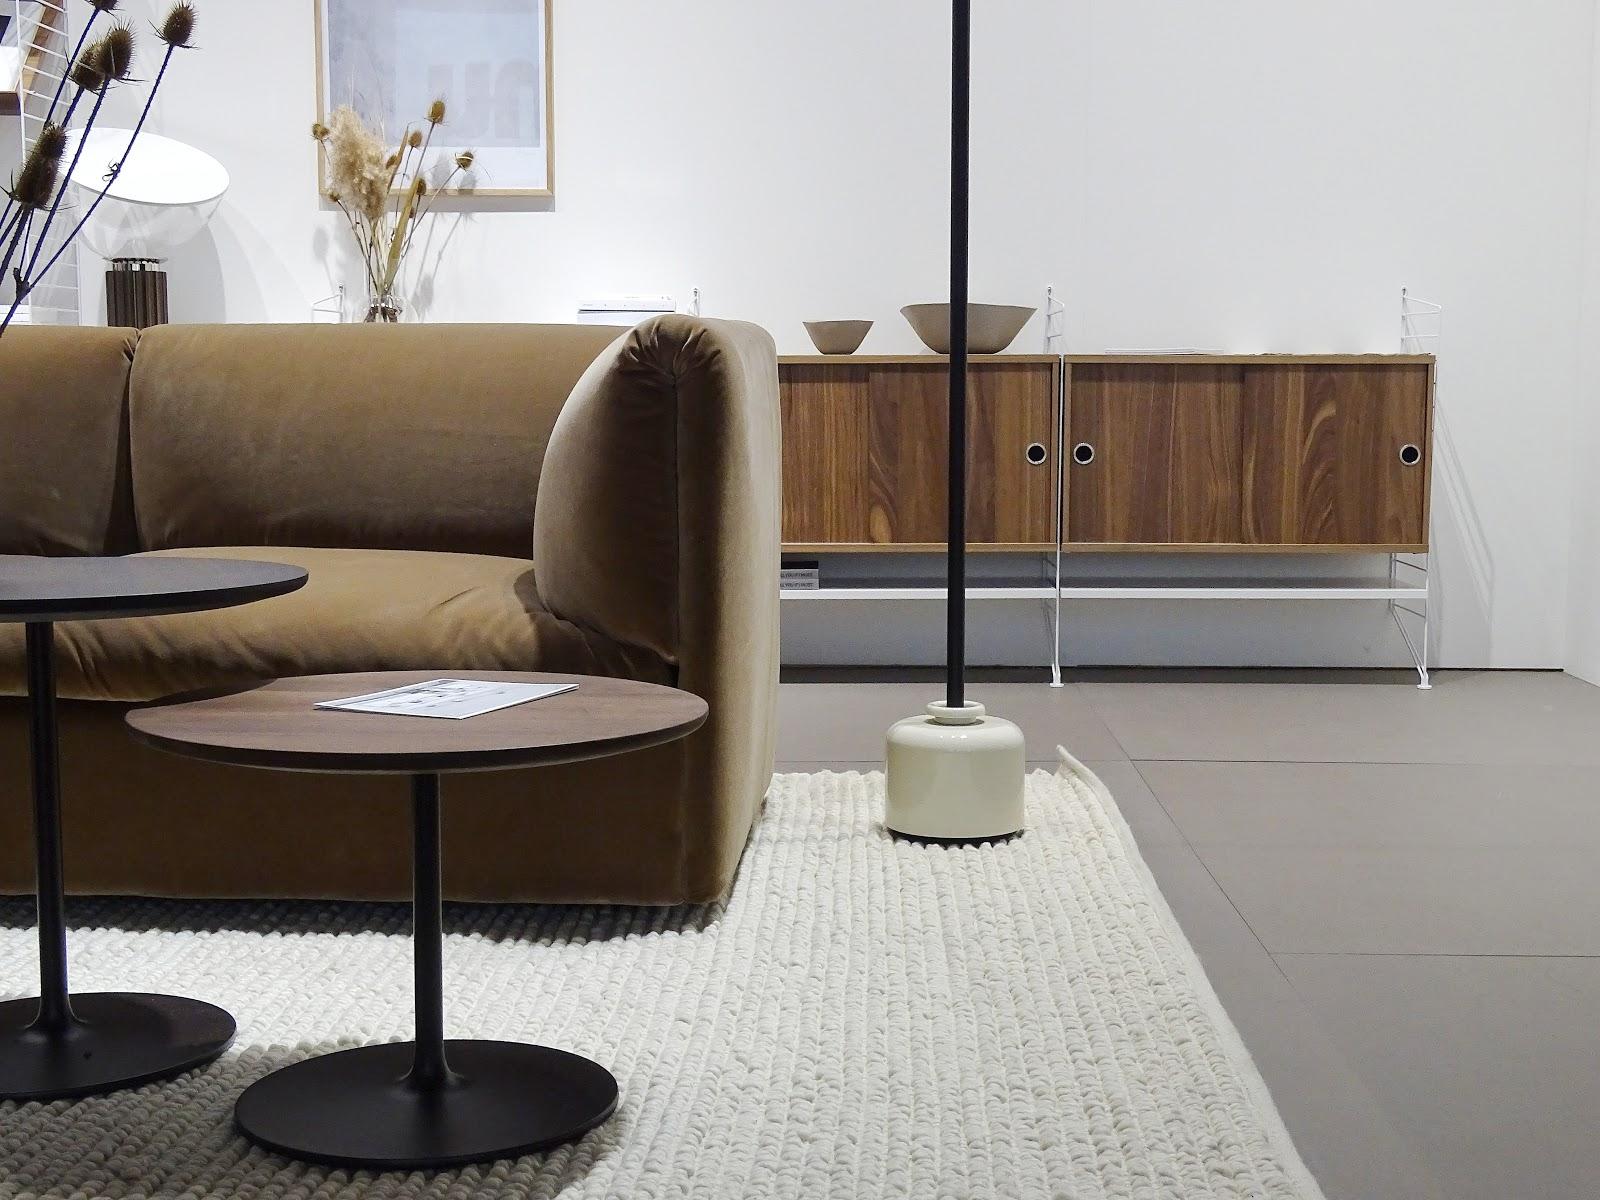 Impressionen und Trends von der Internationalen Möbelmesse 2018 in Köln - Messetour mit Blogst Lounge - String Furniture - http://mammilade.blogspot.de